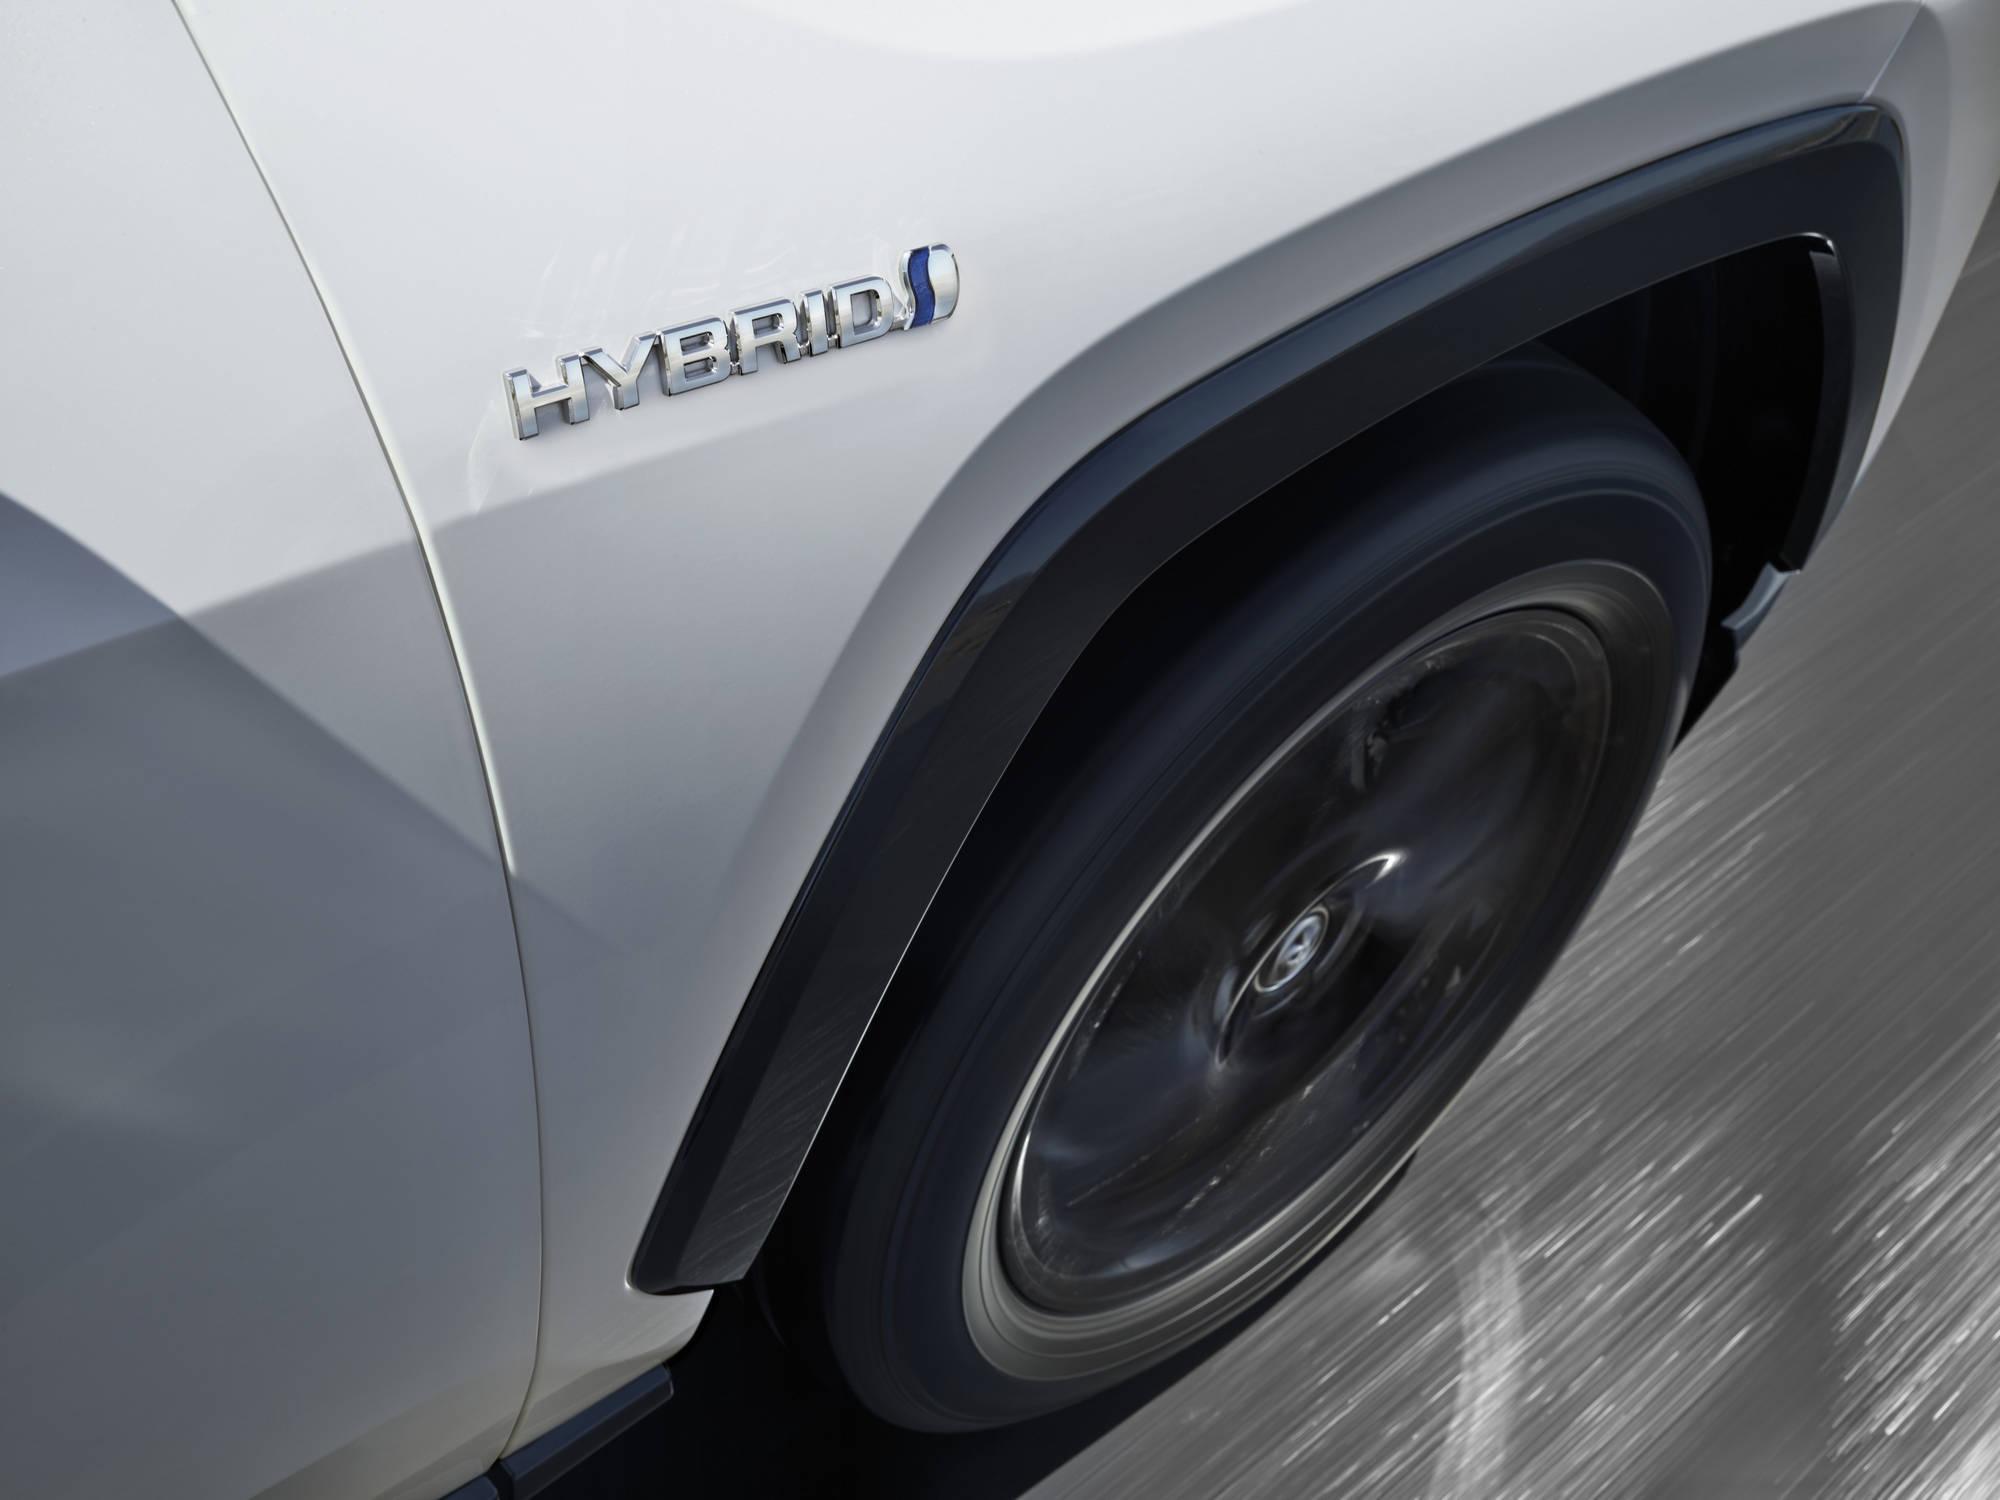 Toyota RAV4 Hybrid. Foto: Divulgação